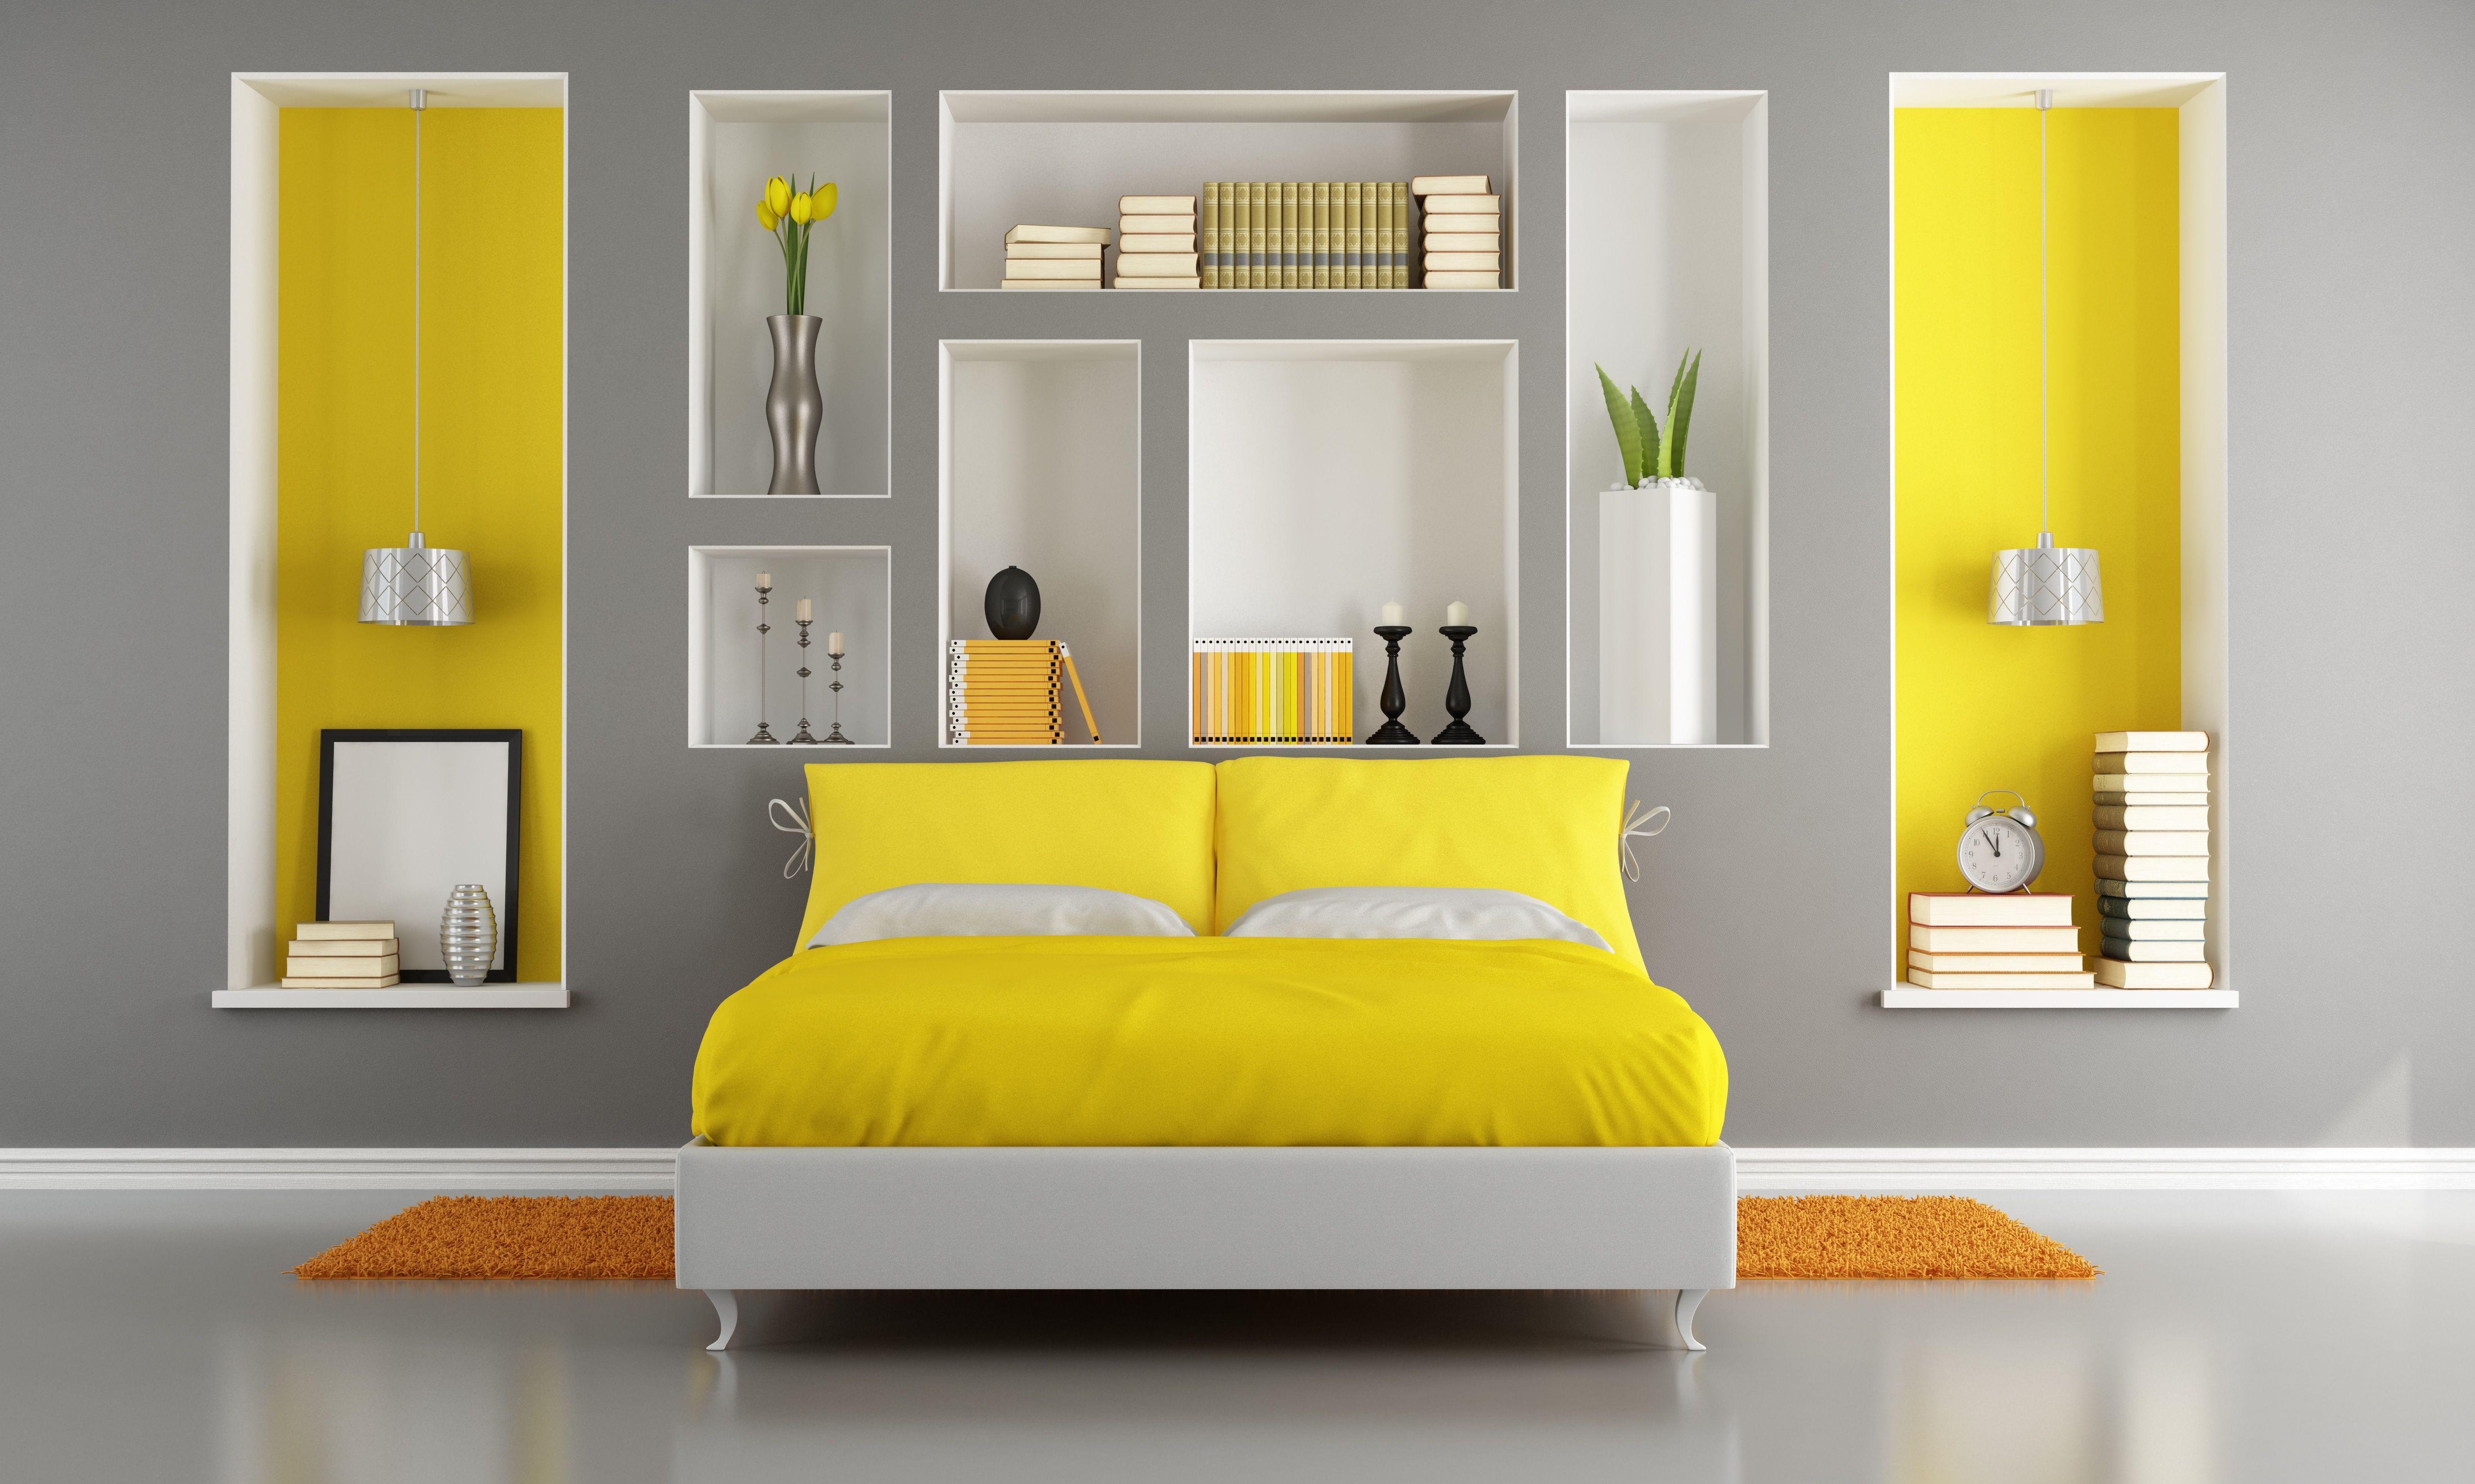 en cuestin de dormitorios lo mejor es dejar el espacio suficiente para las camas grandes